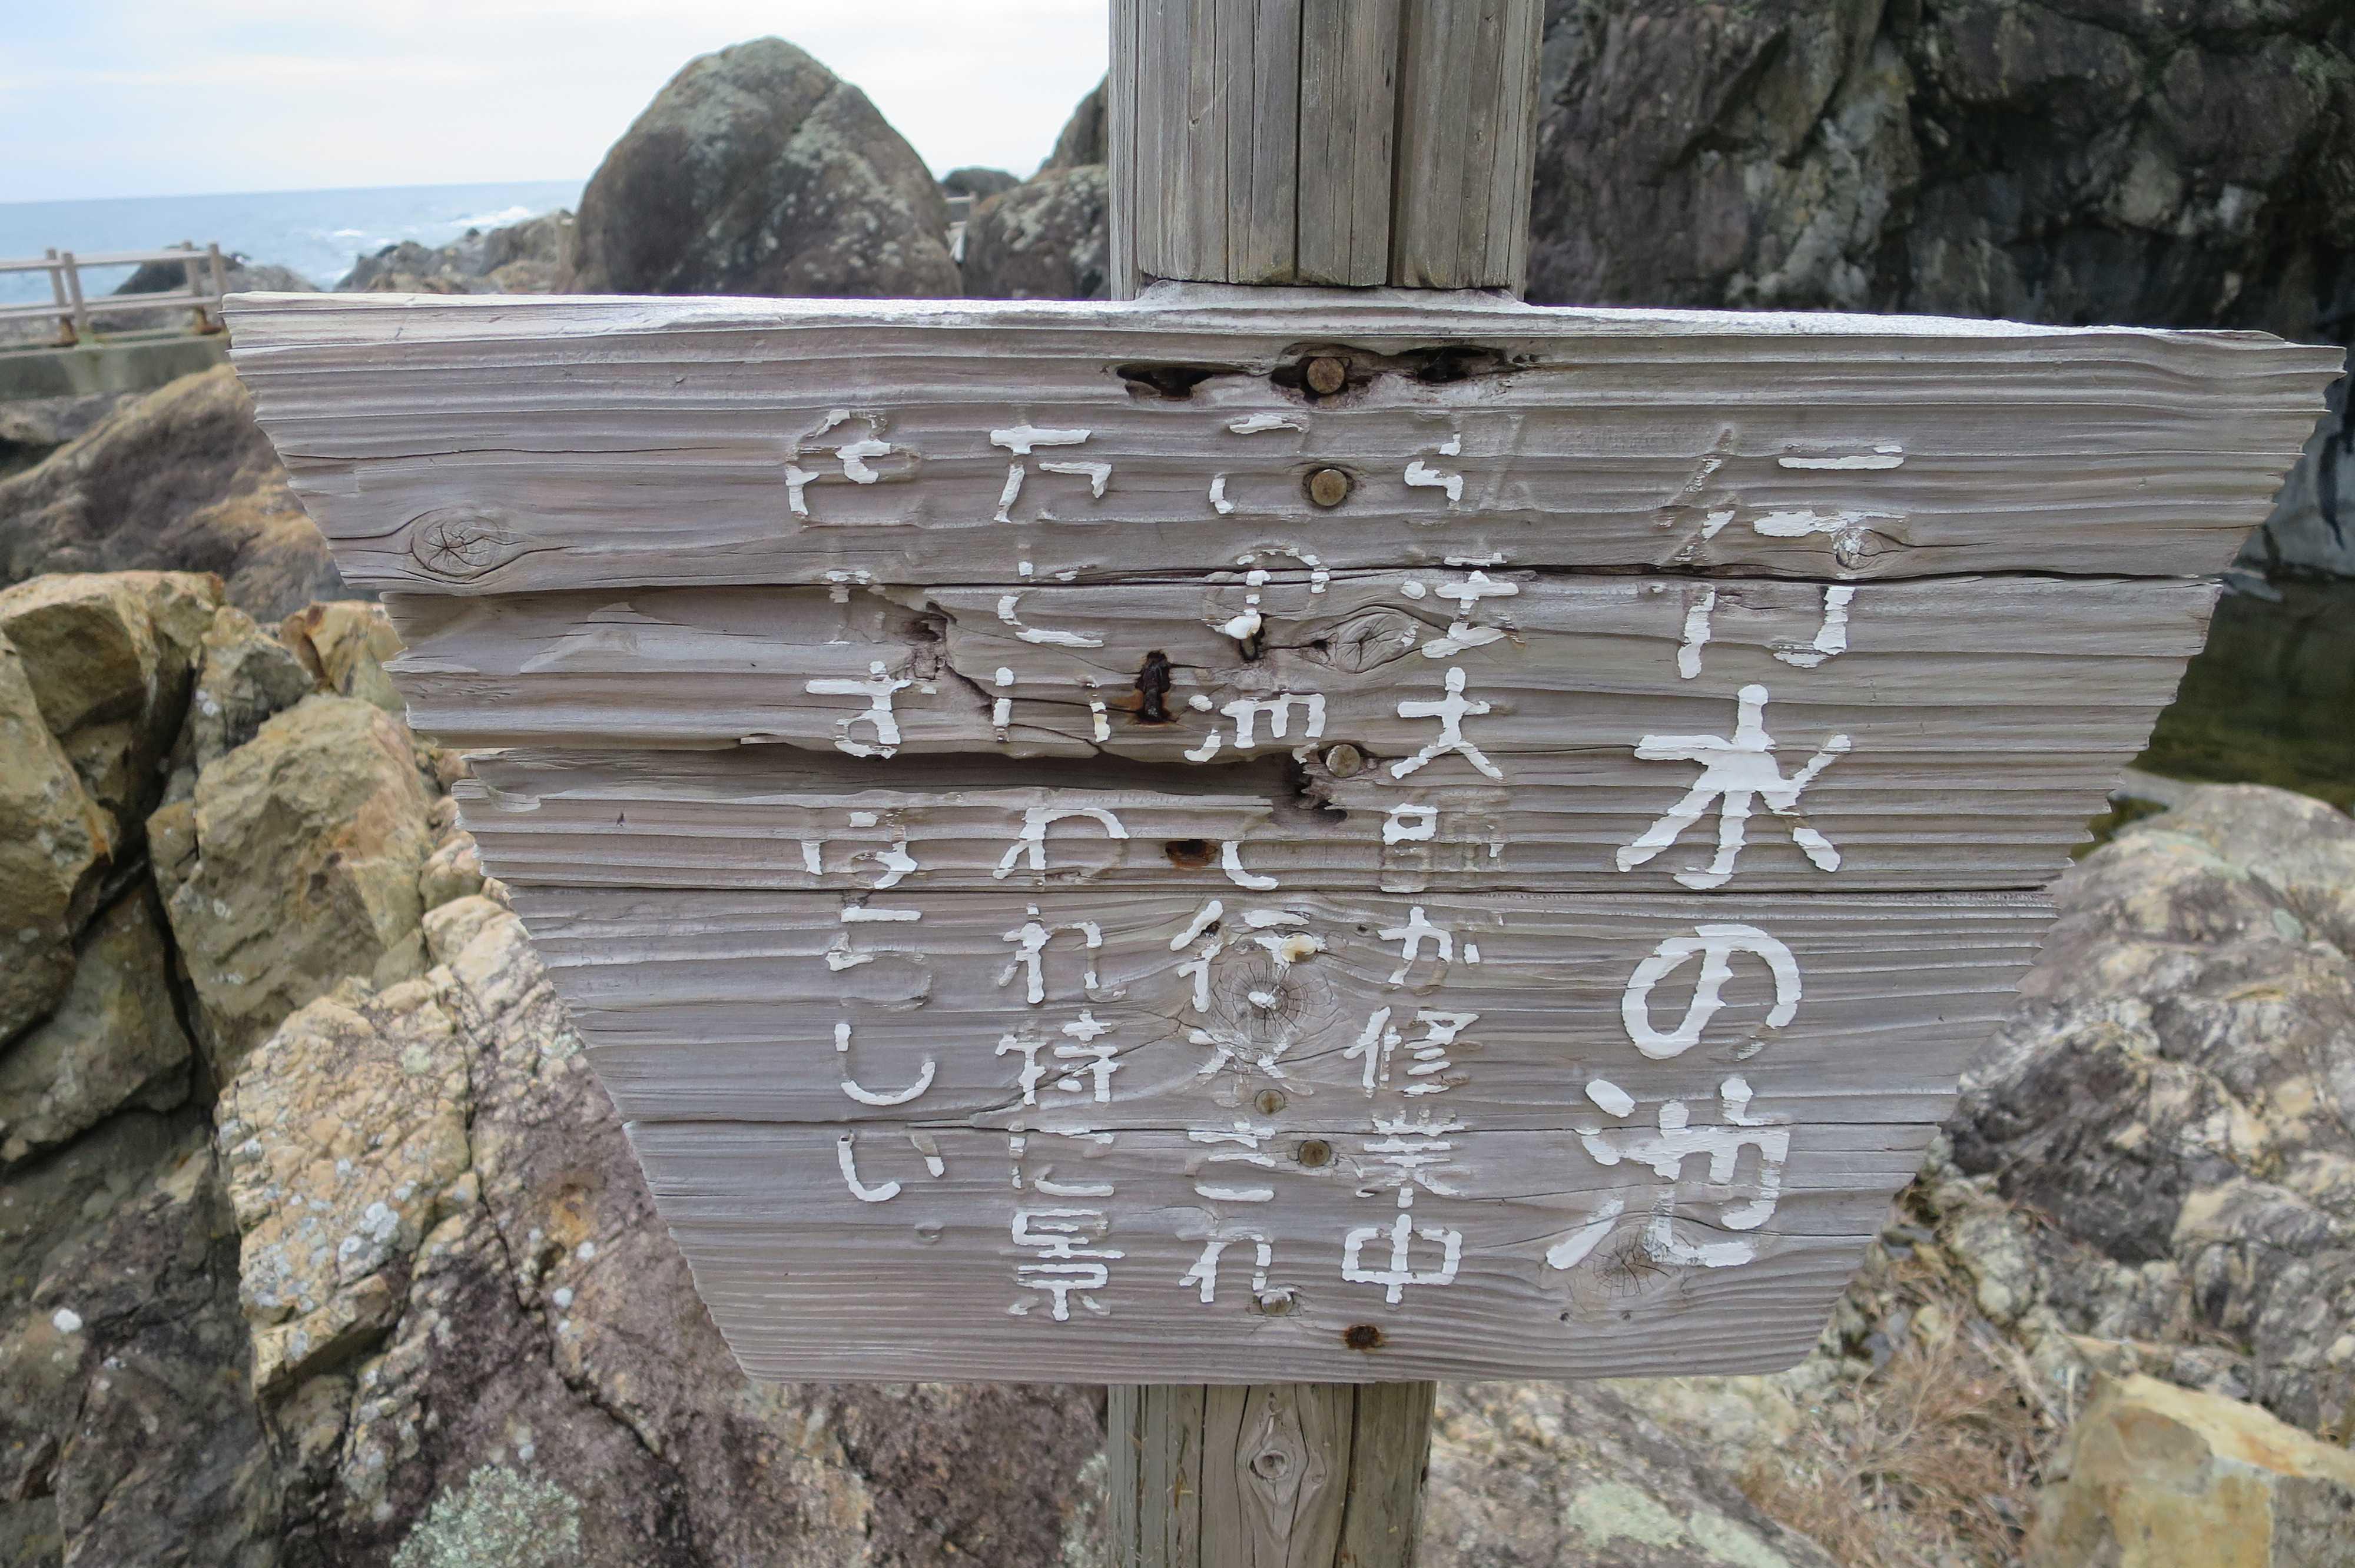 行水の池: 弘法大師が修行中この池で行水されたといわれ特に景色がすばらしい